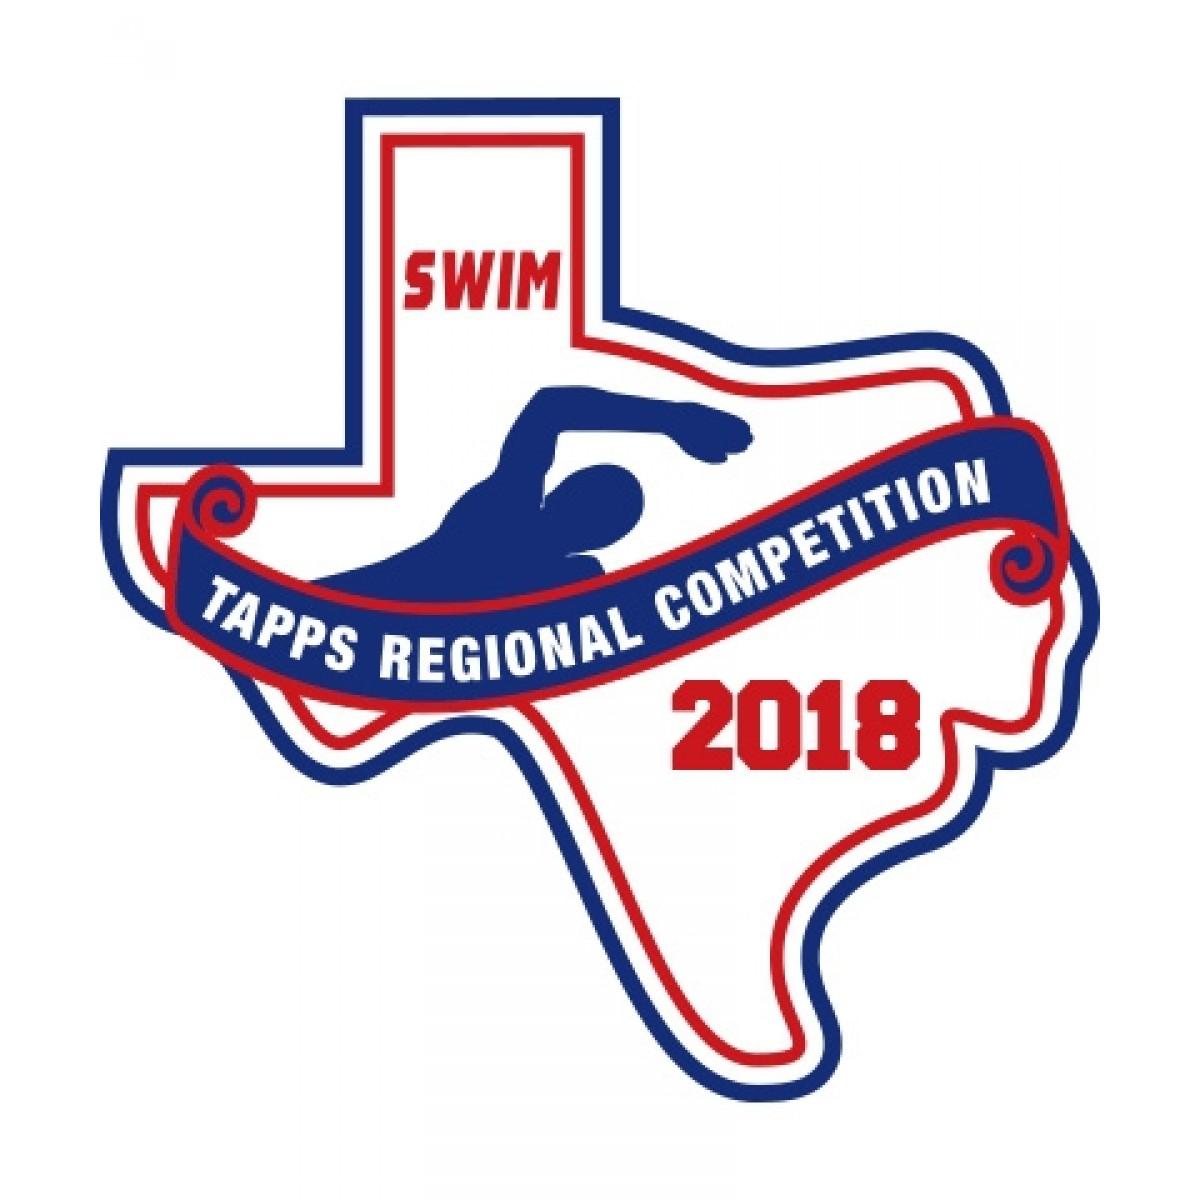 Felt 2018 TAPPS Swim Regional Patch